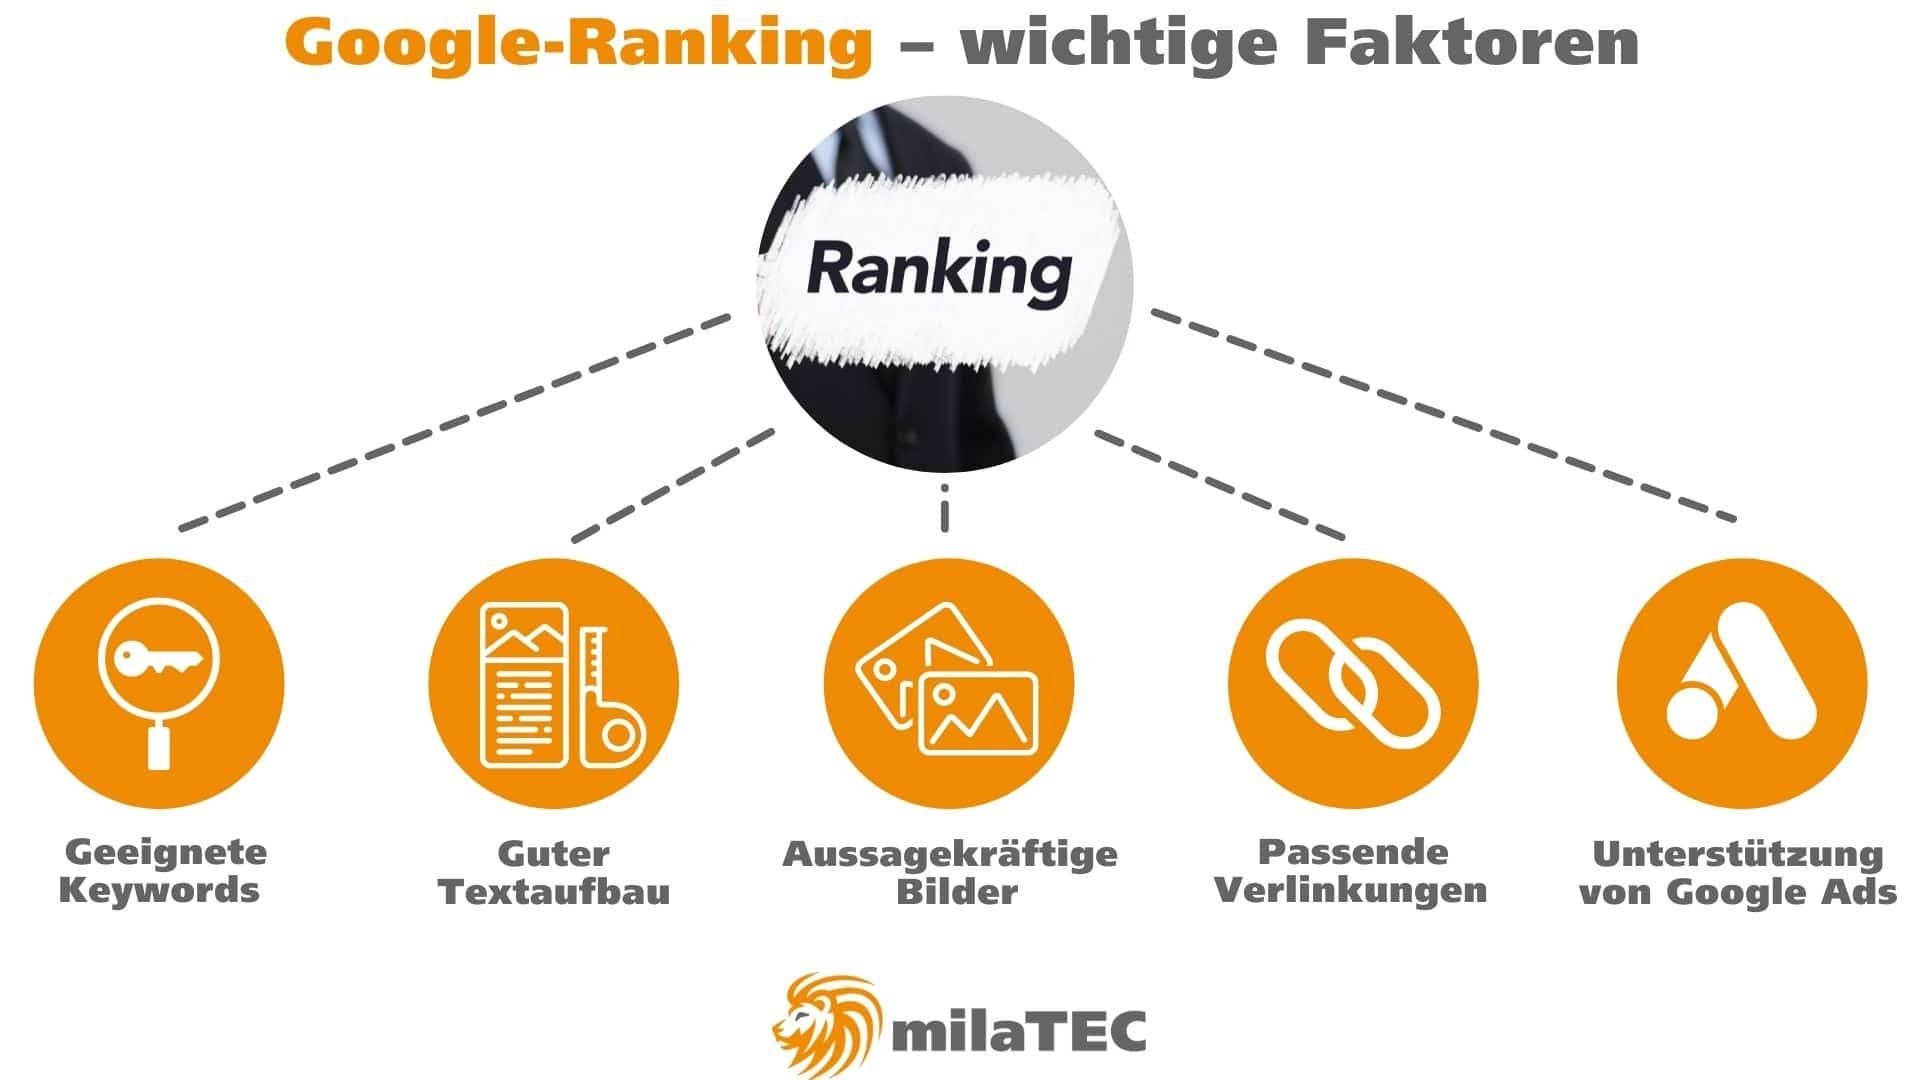 Google-Ranking-Faktoren